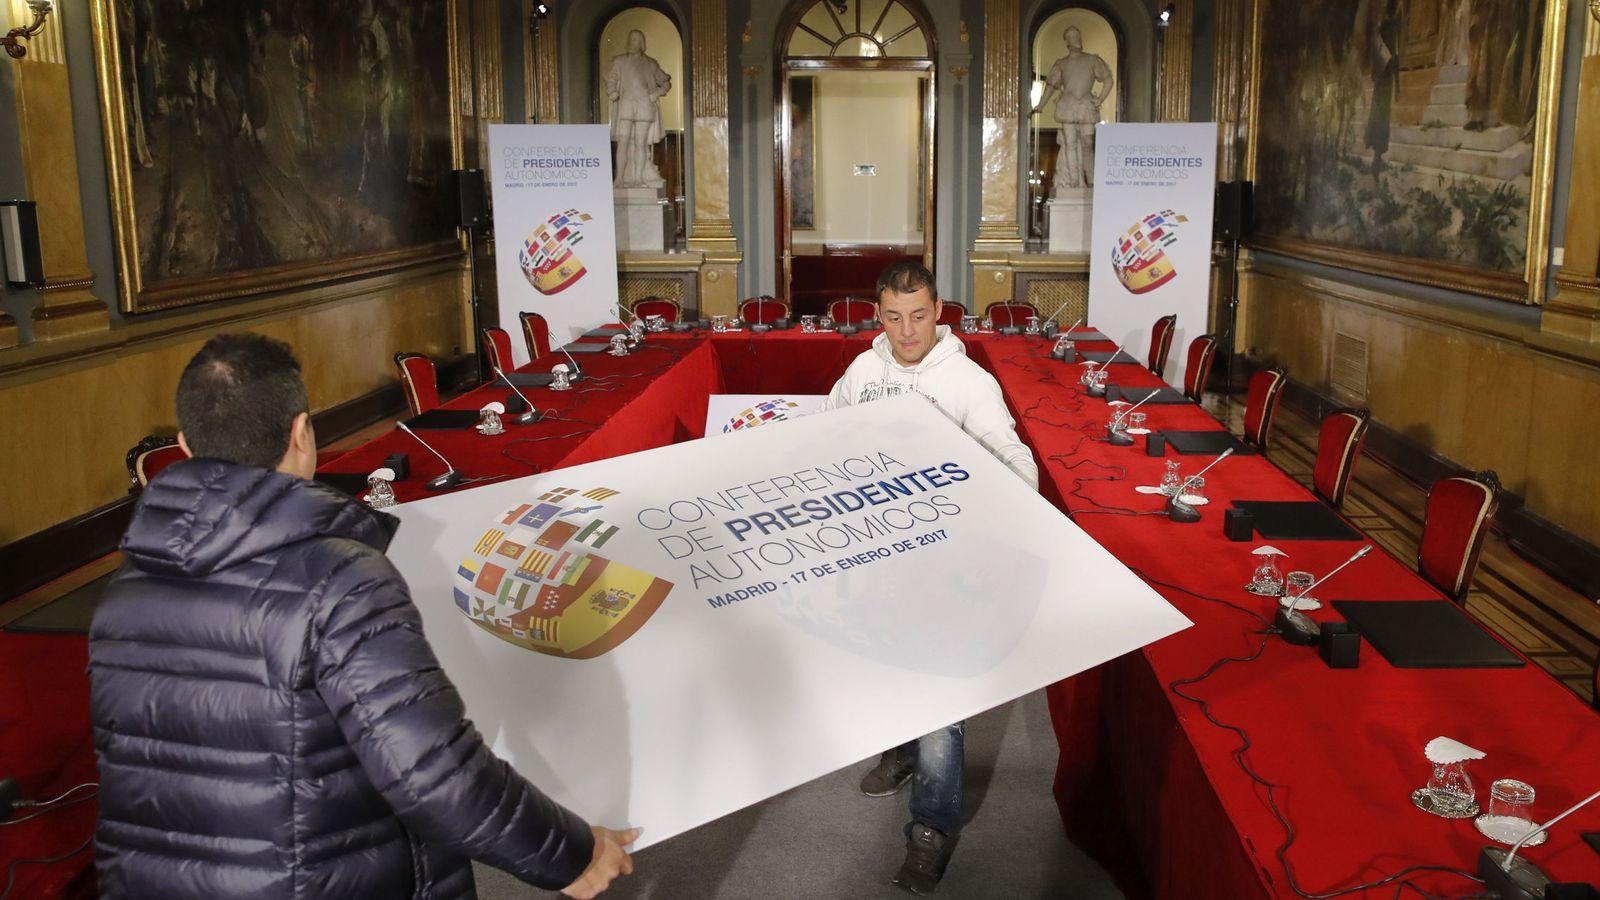 Foto: Preparativos para la VI Conferencia de Presidentes. (EFE)